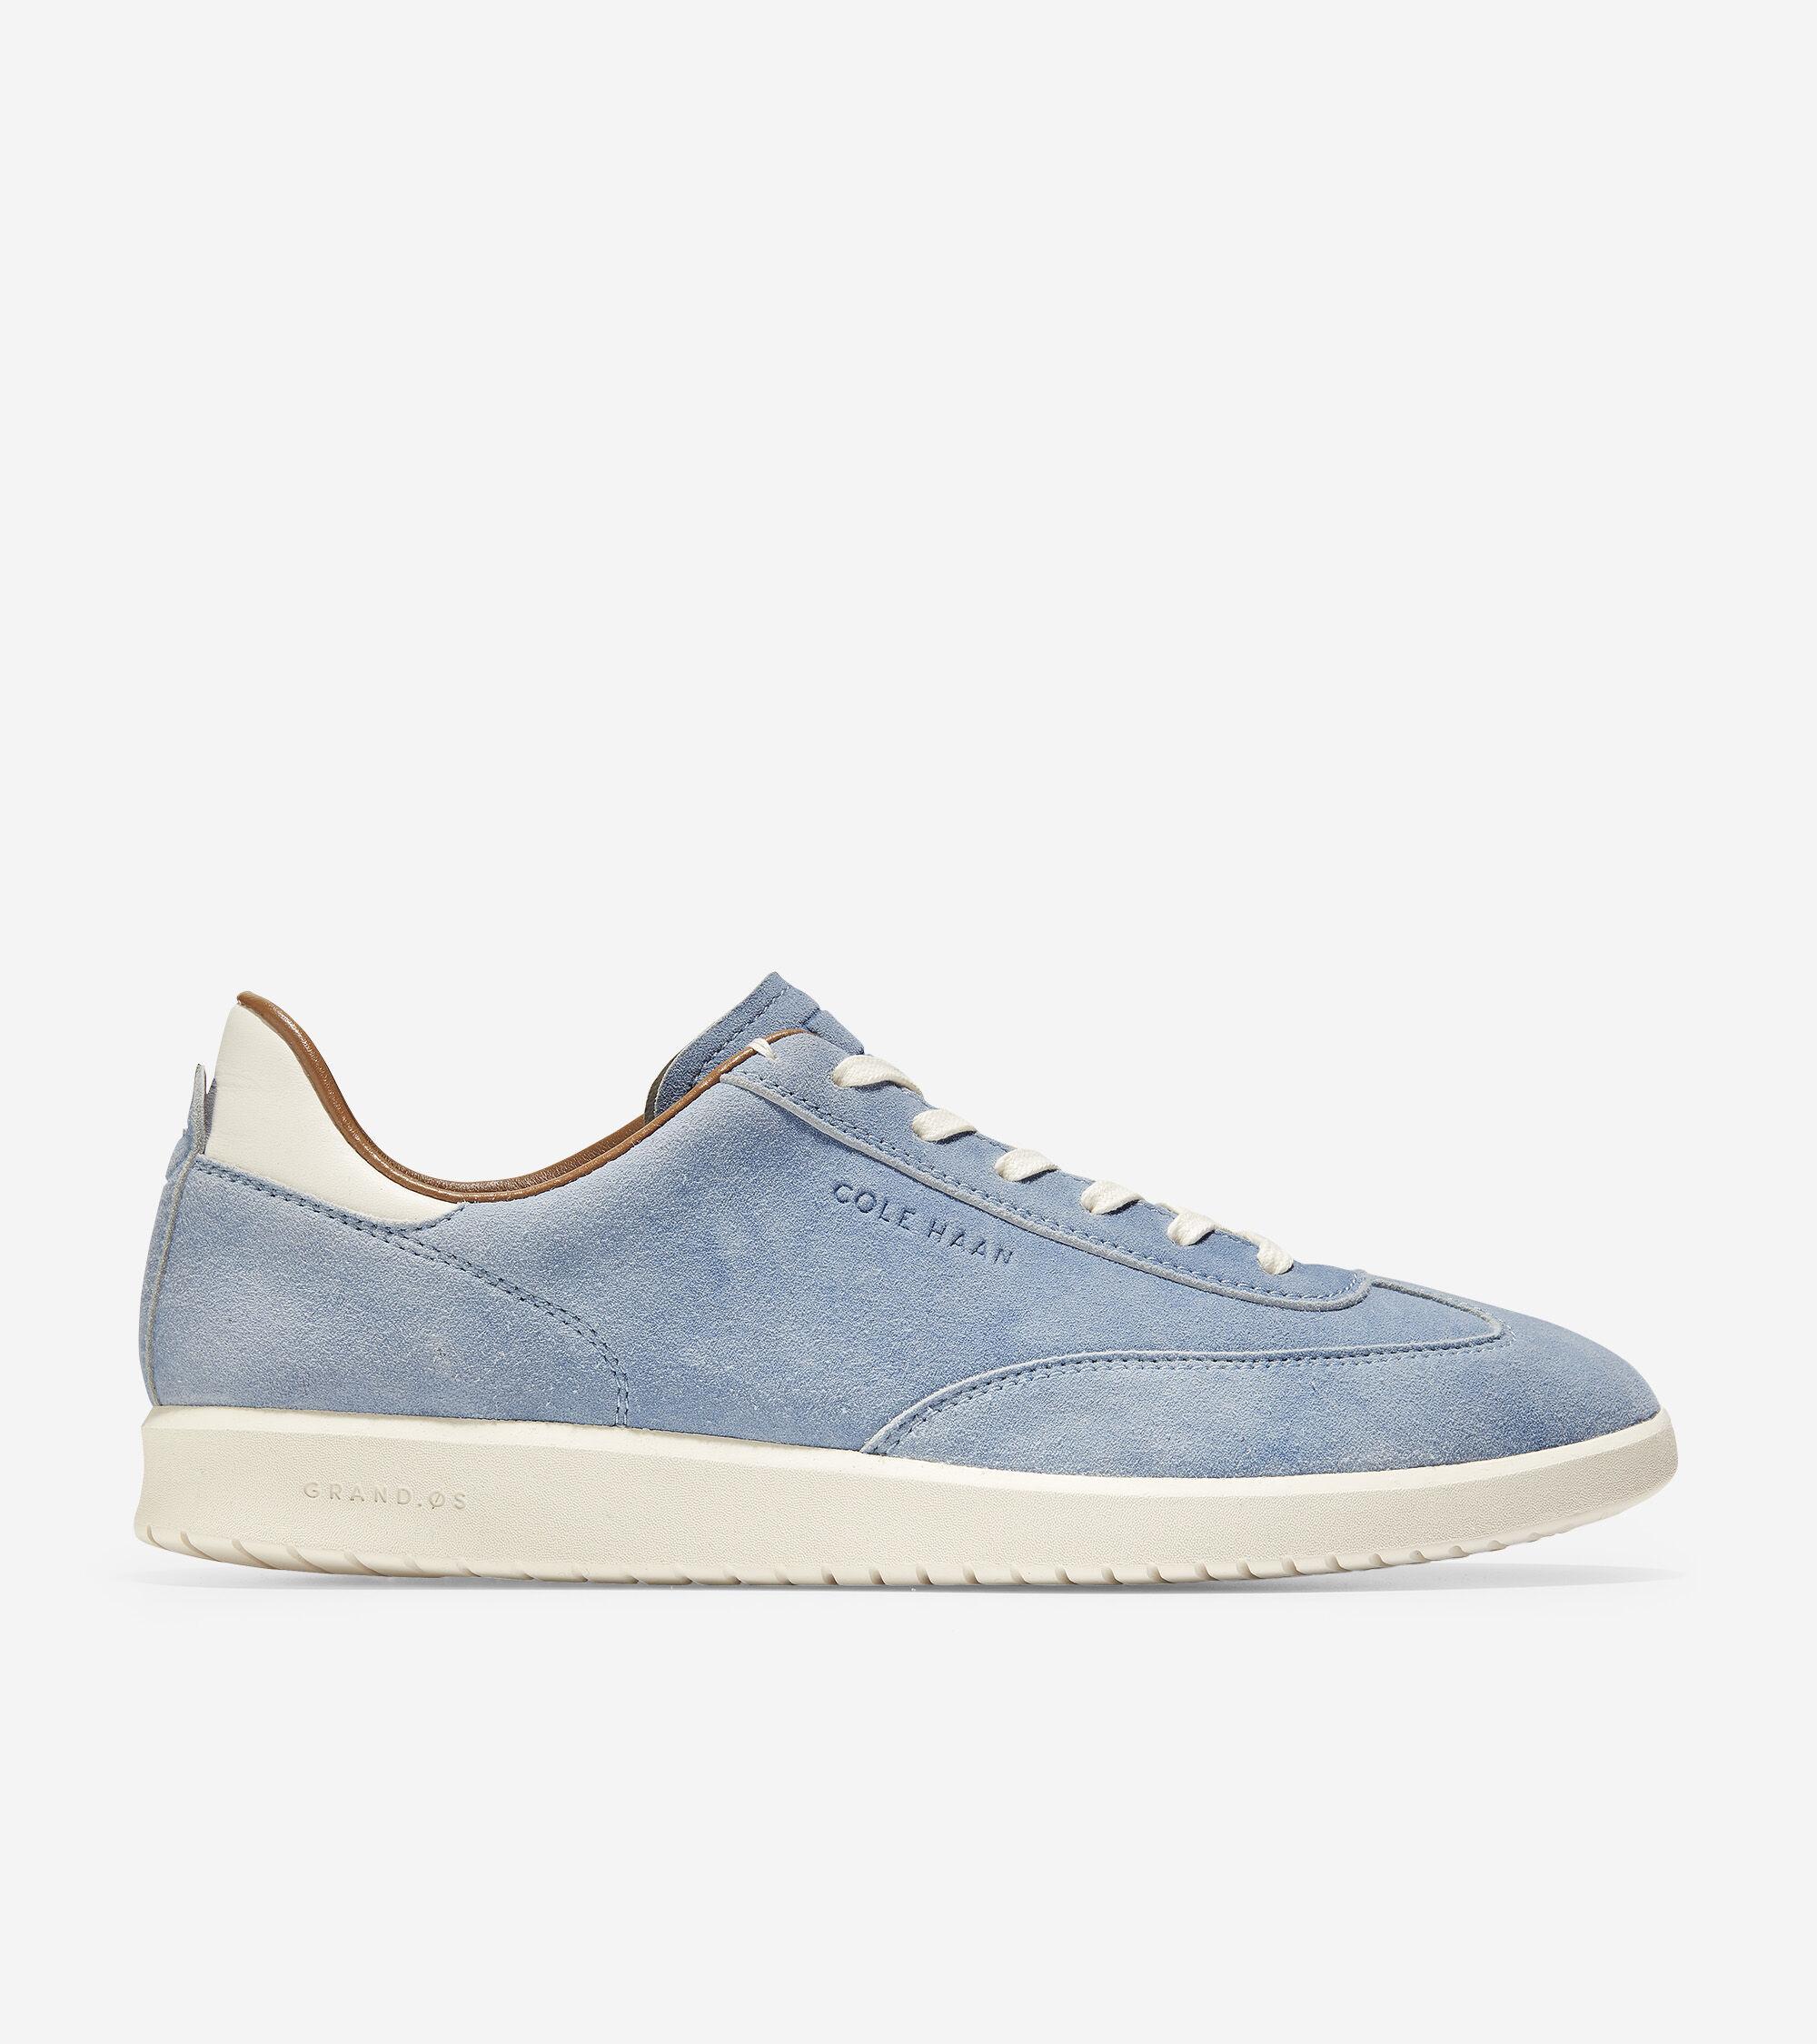 Turf Sneaker in Dusty Zen Blue   Cole Haan